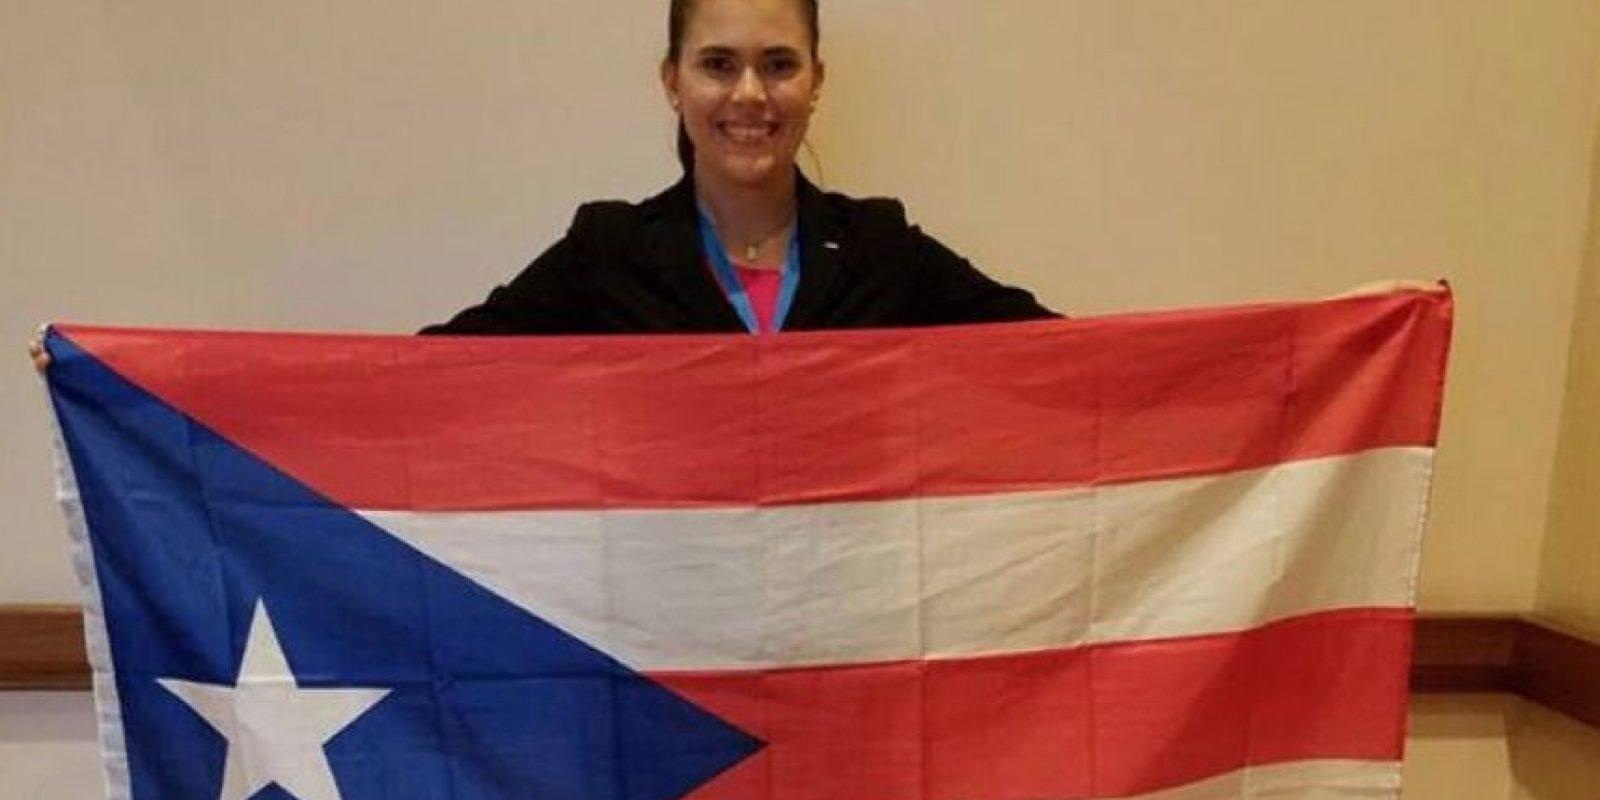 Valerie Madera Garcia, la representante de Puerto Rico. Foto:Suministrada. Imagen Por: